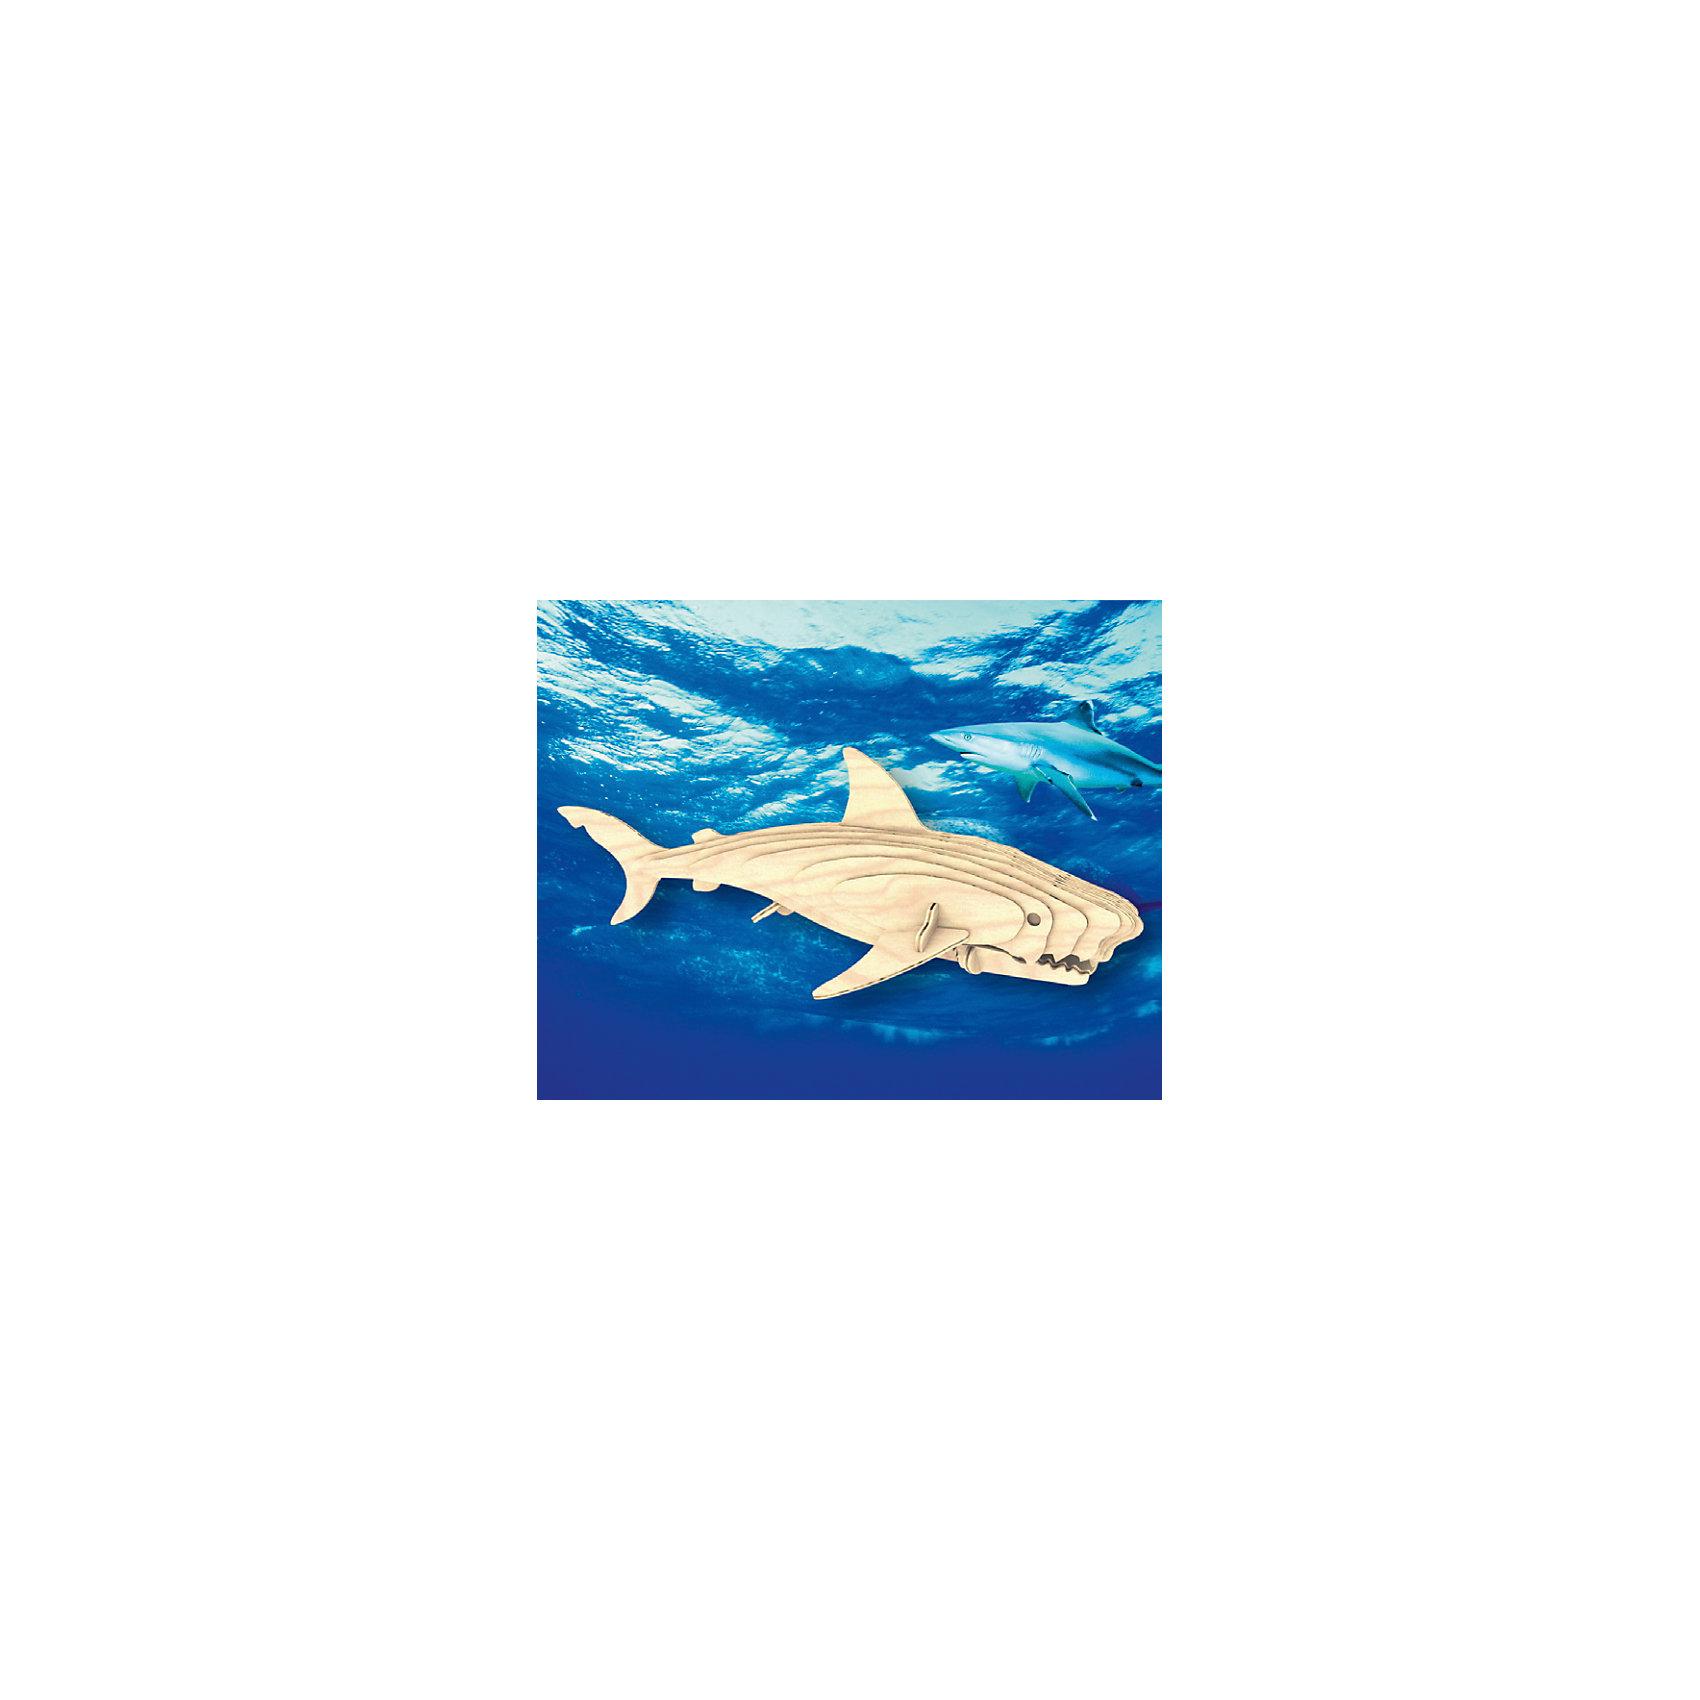 МДИ Белая акула, Мир деревянных игрушек игрушка мир деревянных игрушек лабиринт слон д345